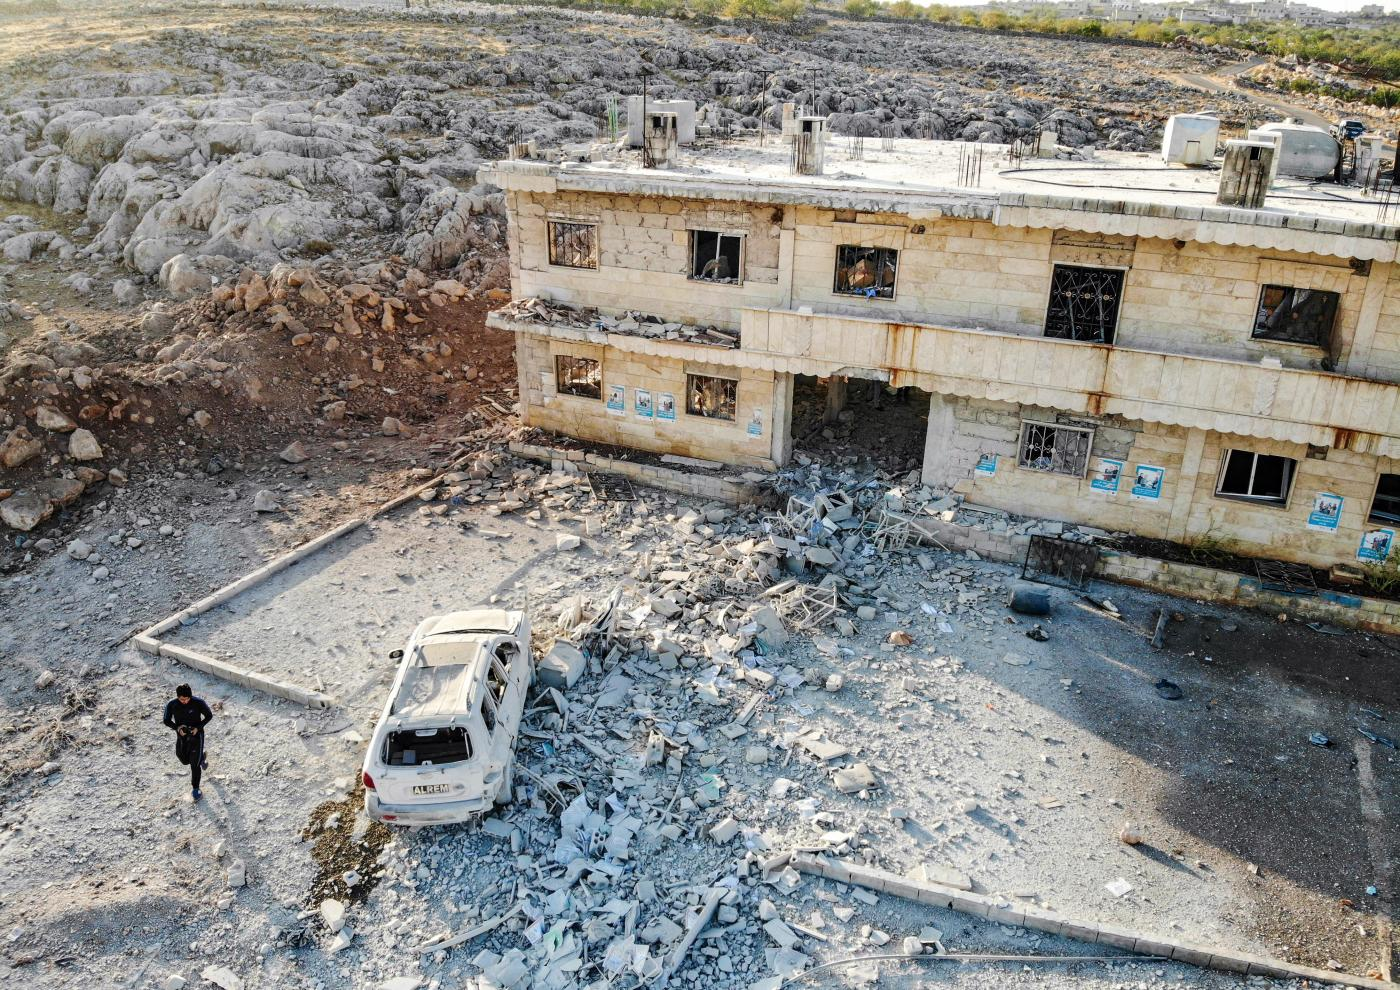 الغالبية في مناطق المعارضة السورية تأثرت بالهجمات على المنشآت الطبية